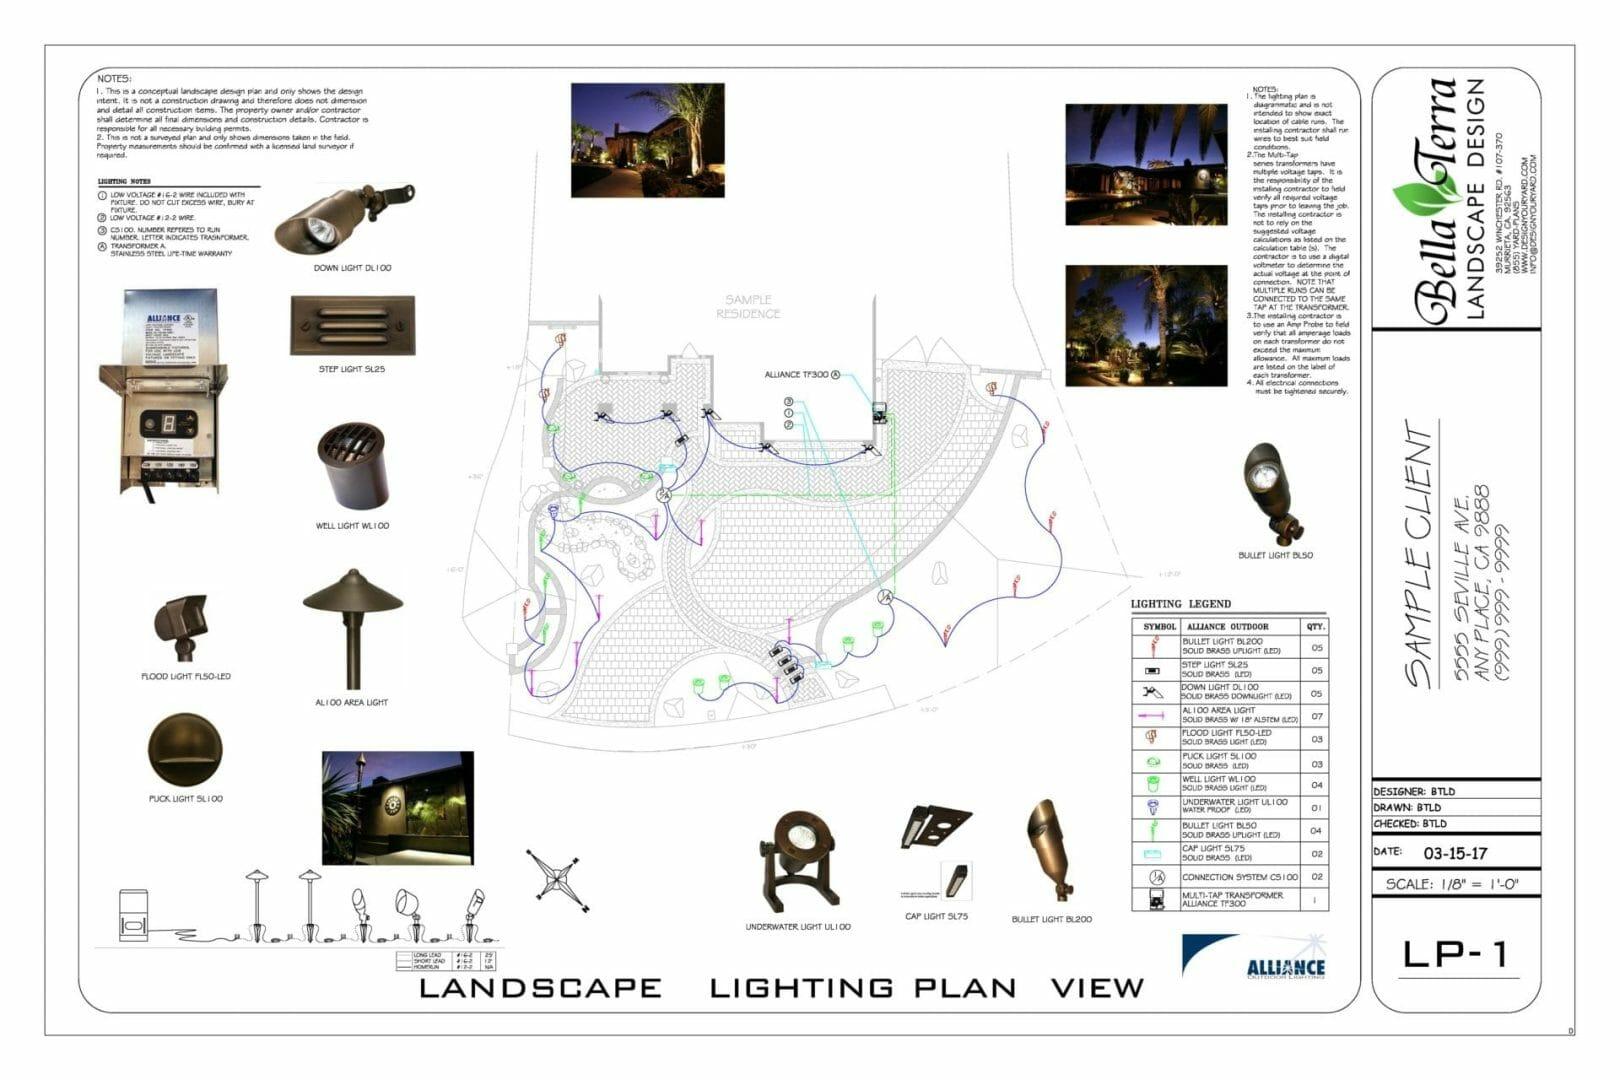 Sample plans bella terra landscape design - How to design landscape lighting plan ...